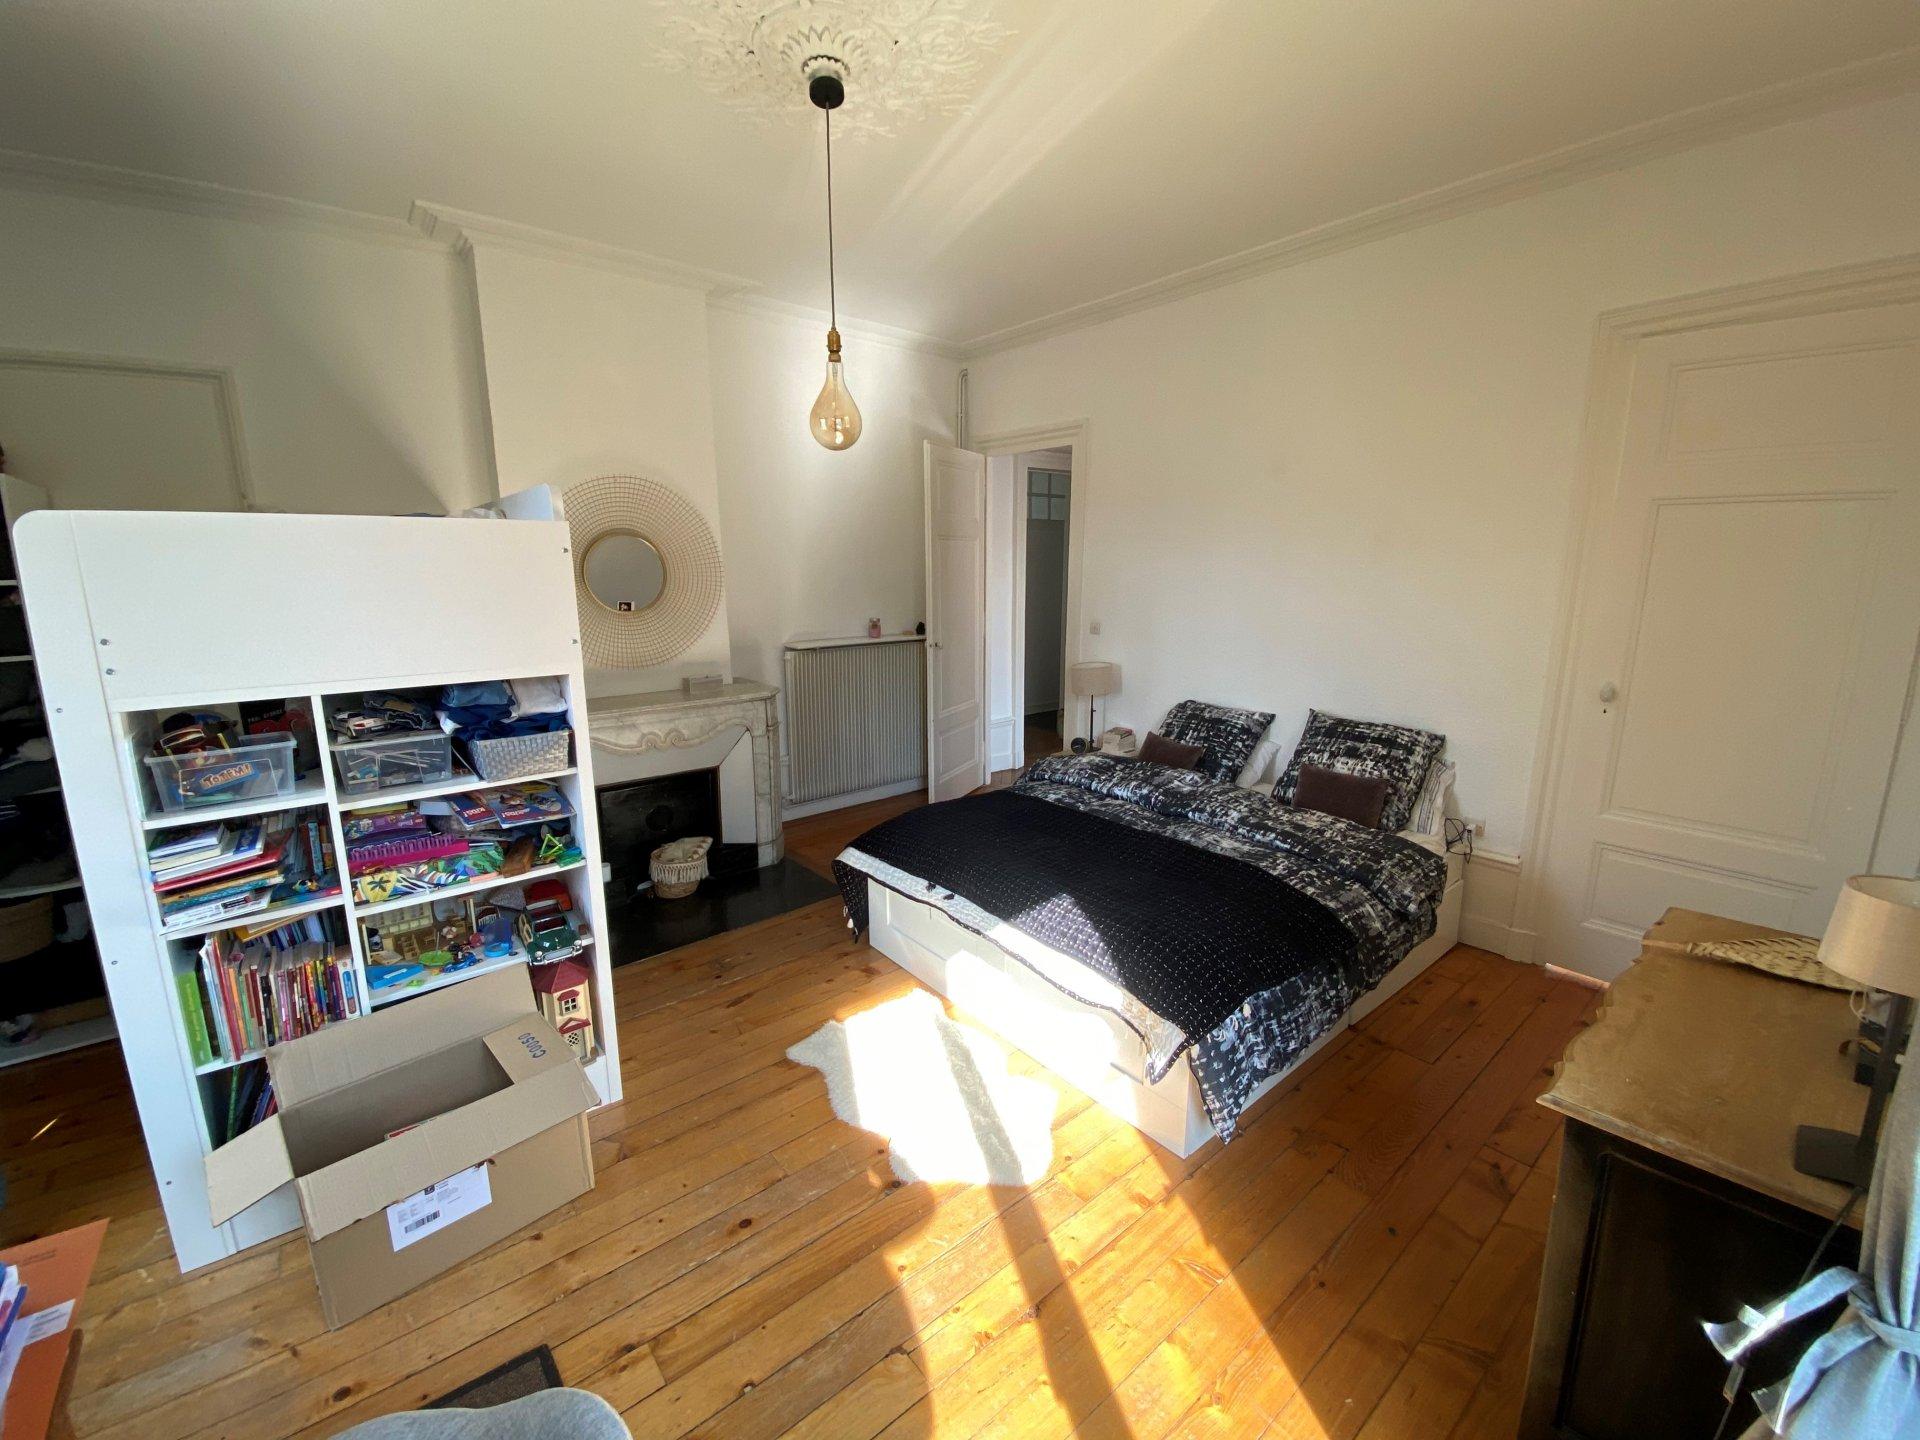 SAINT-PRIEST-EN-JAREZ - Appartement T4 dans maison Bourgeoise